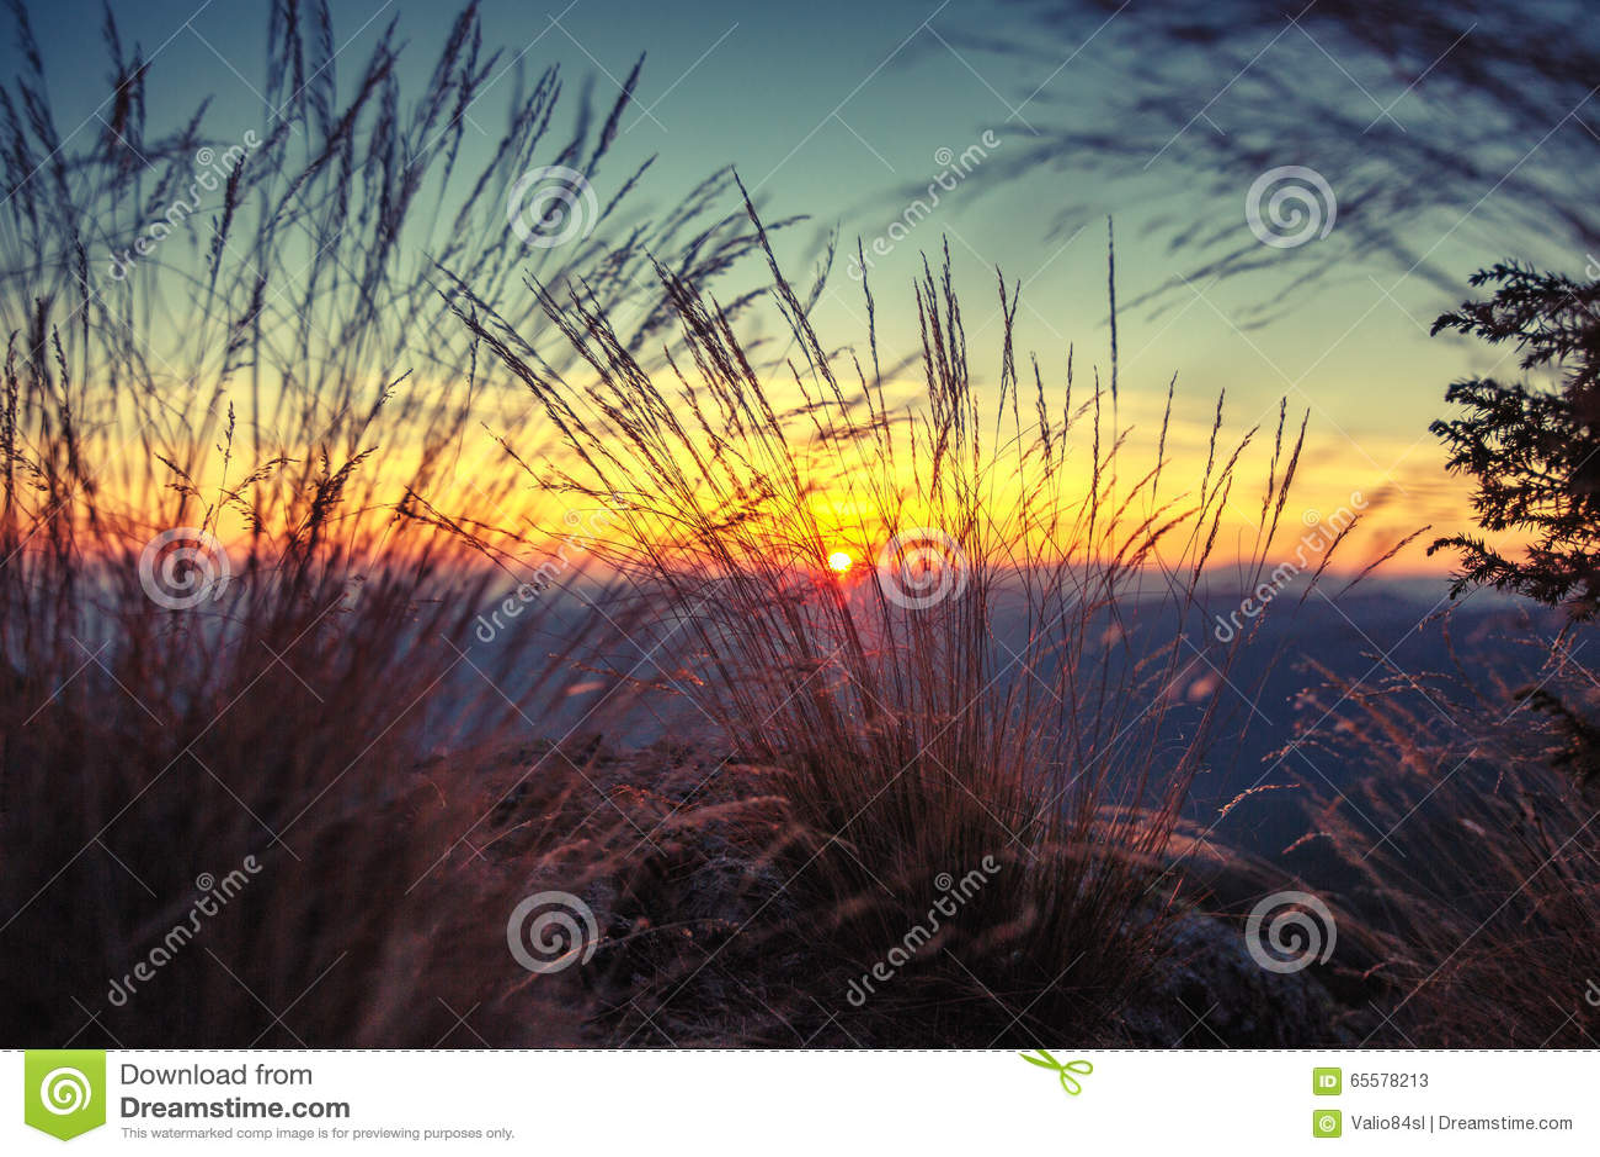 Gramas selvagens na paisagem dourada do por do sol do verão